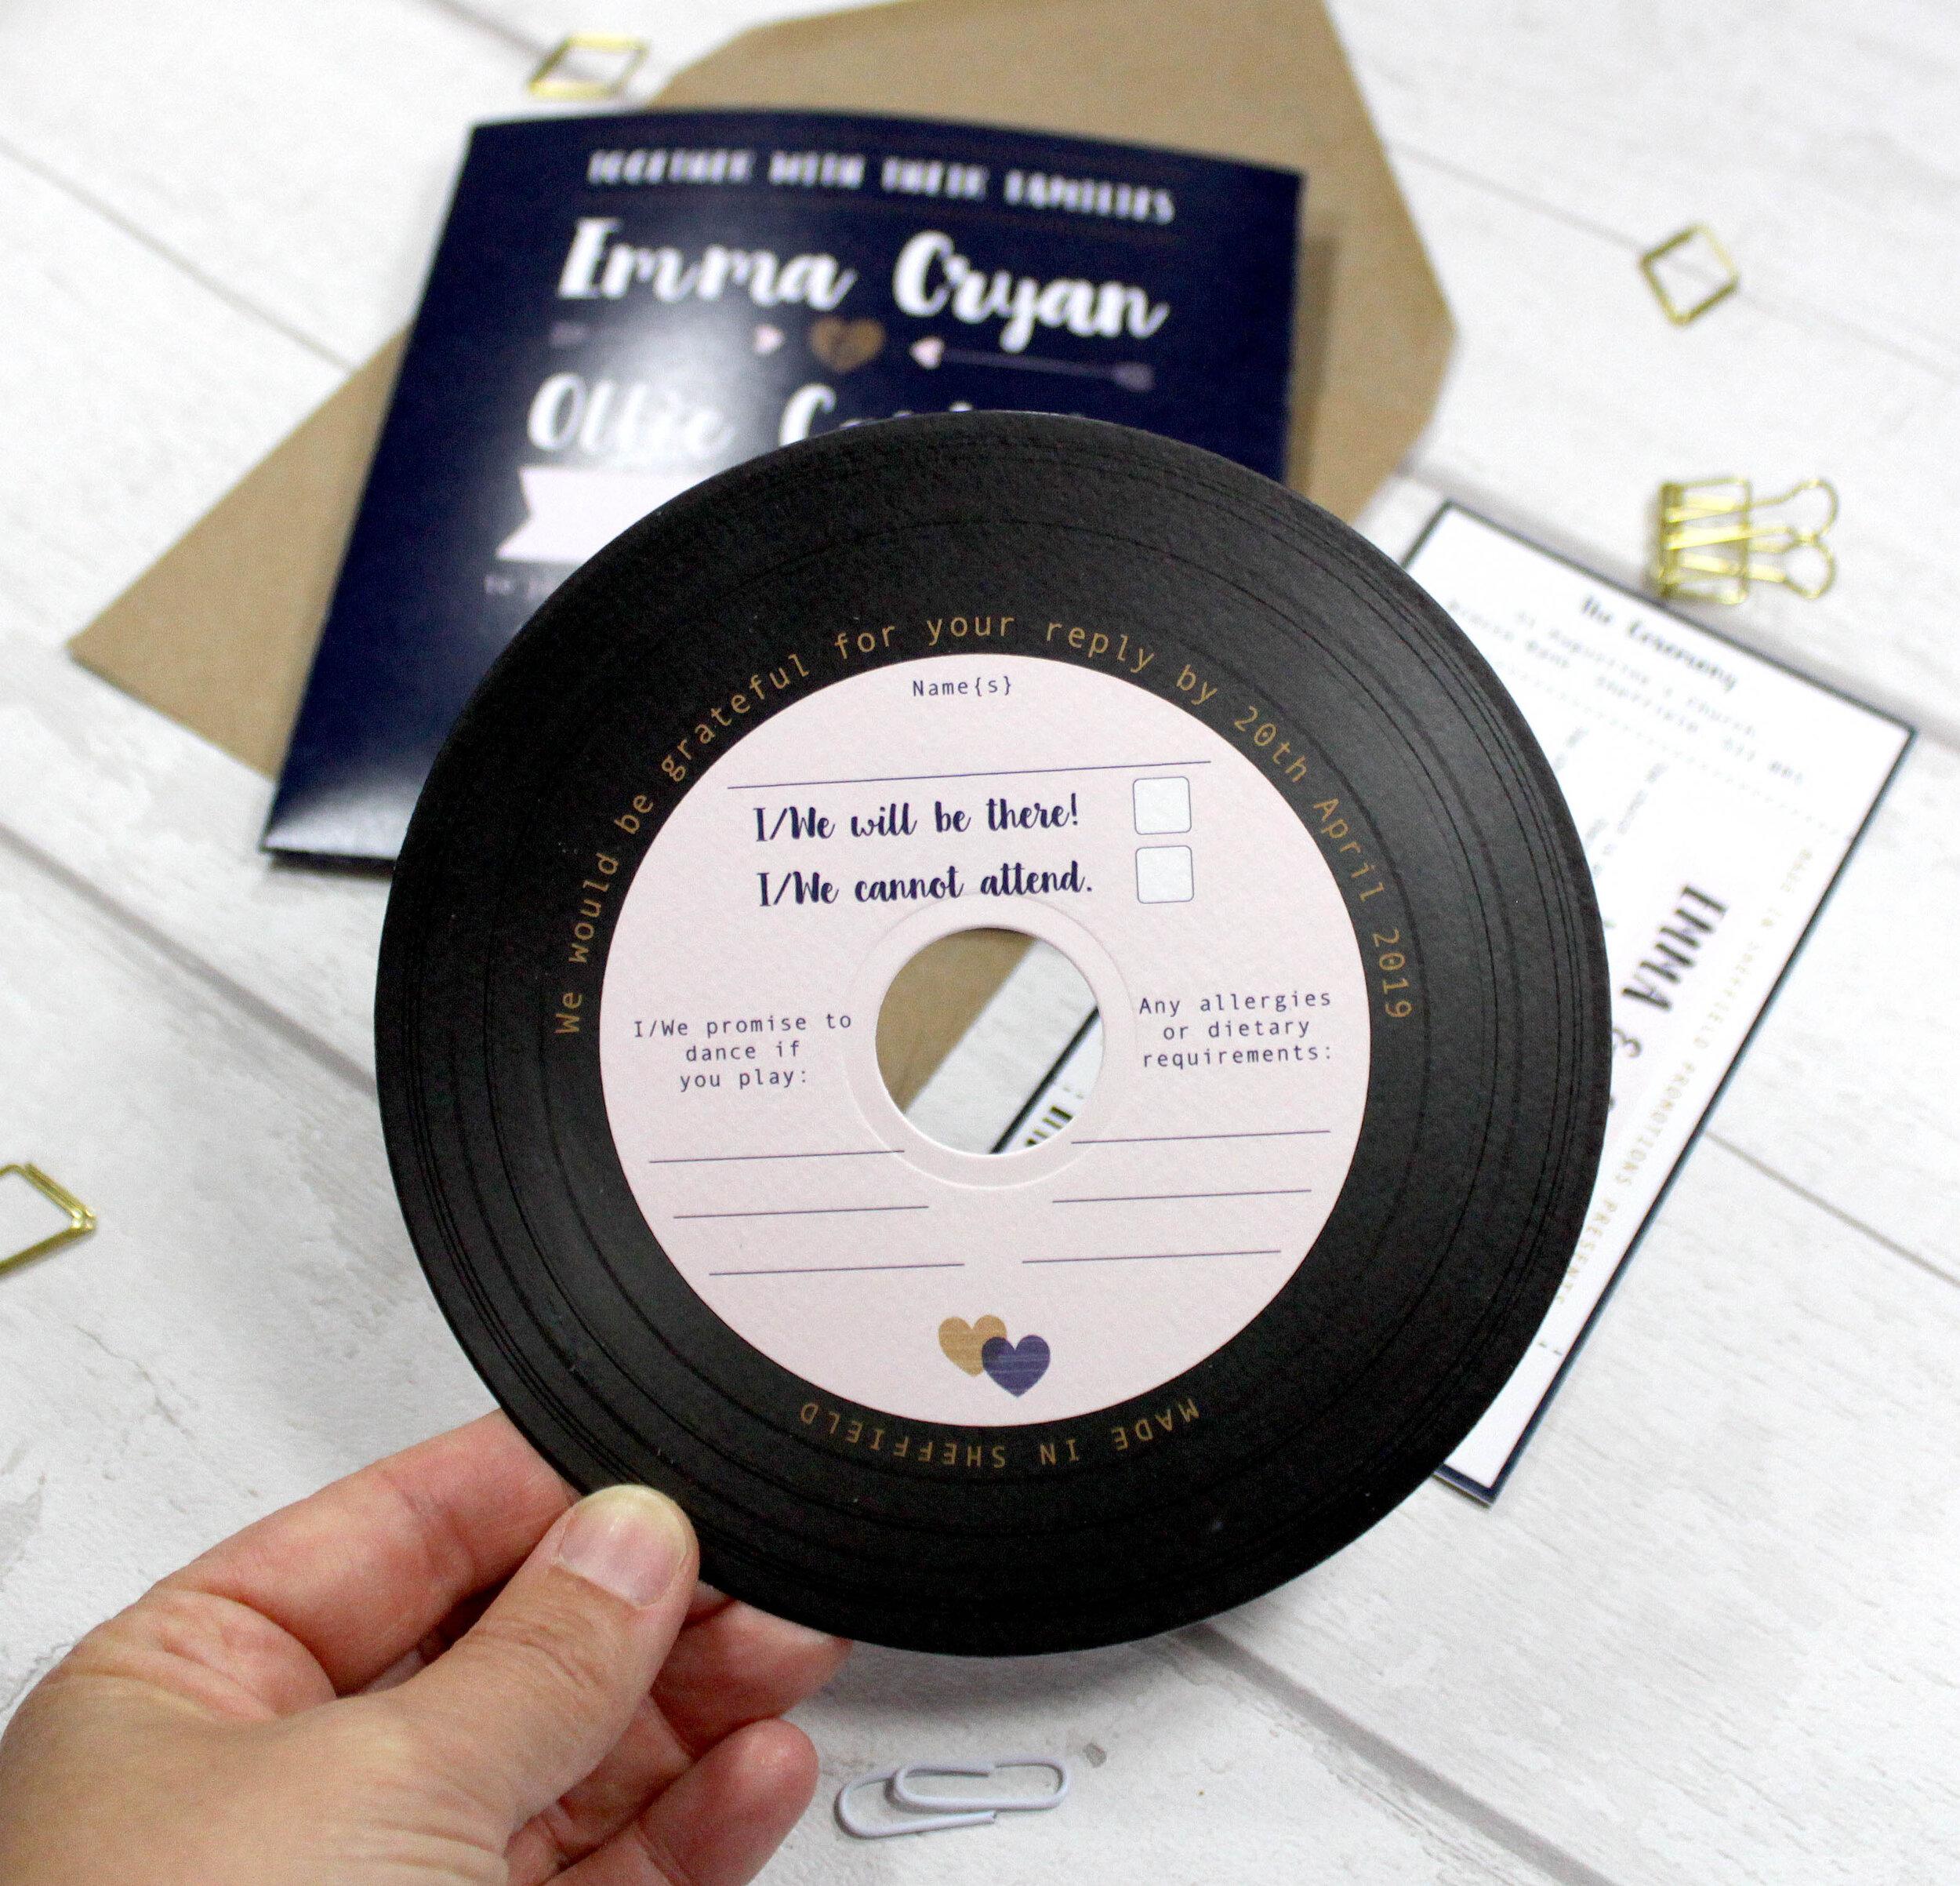 Ollie & Emma-vinyl held.jpg